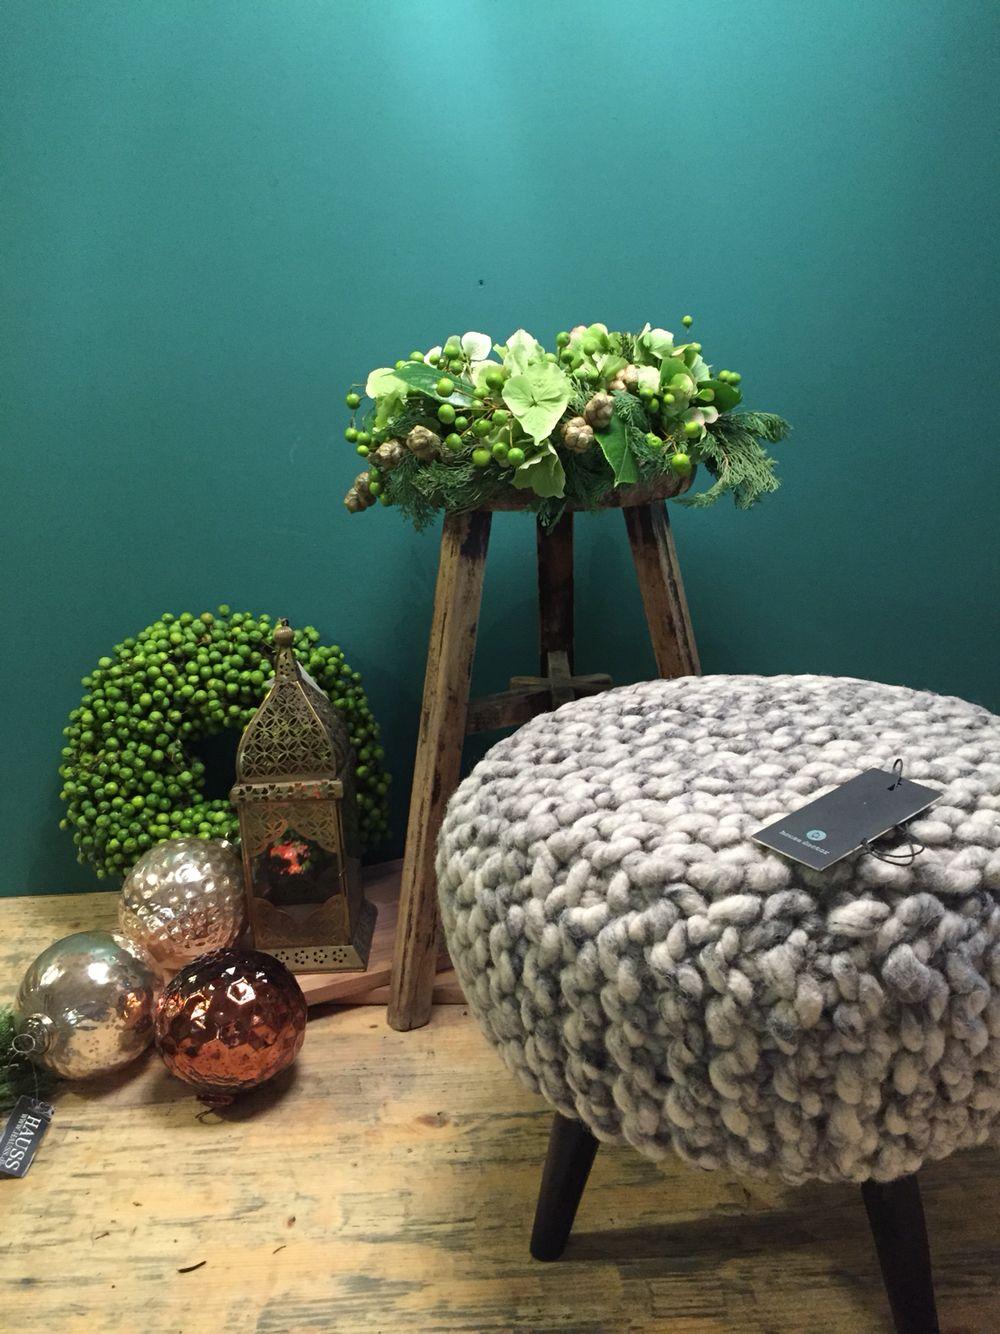 Mg Decoration/Home/flowerdesign/Interior